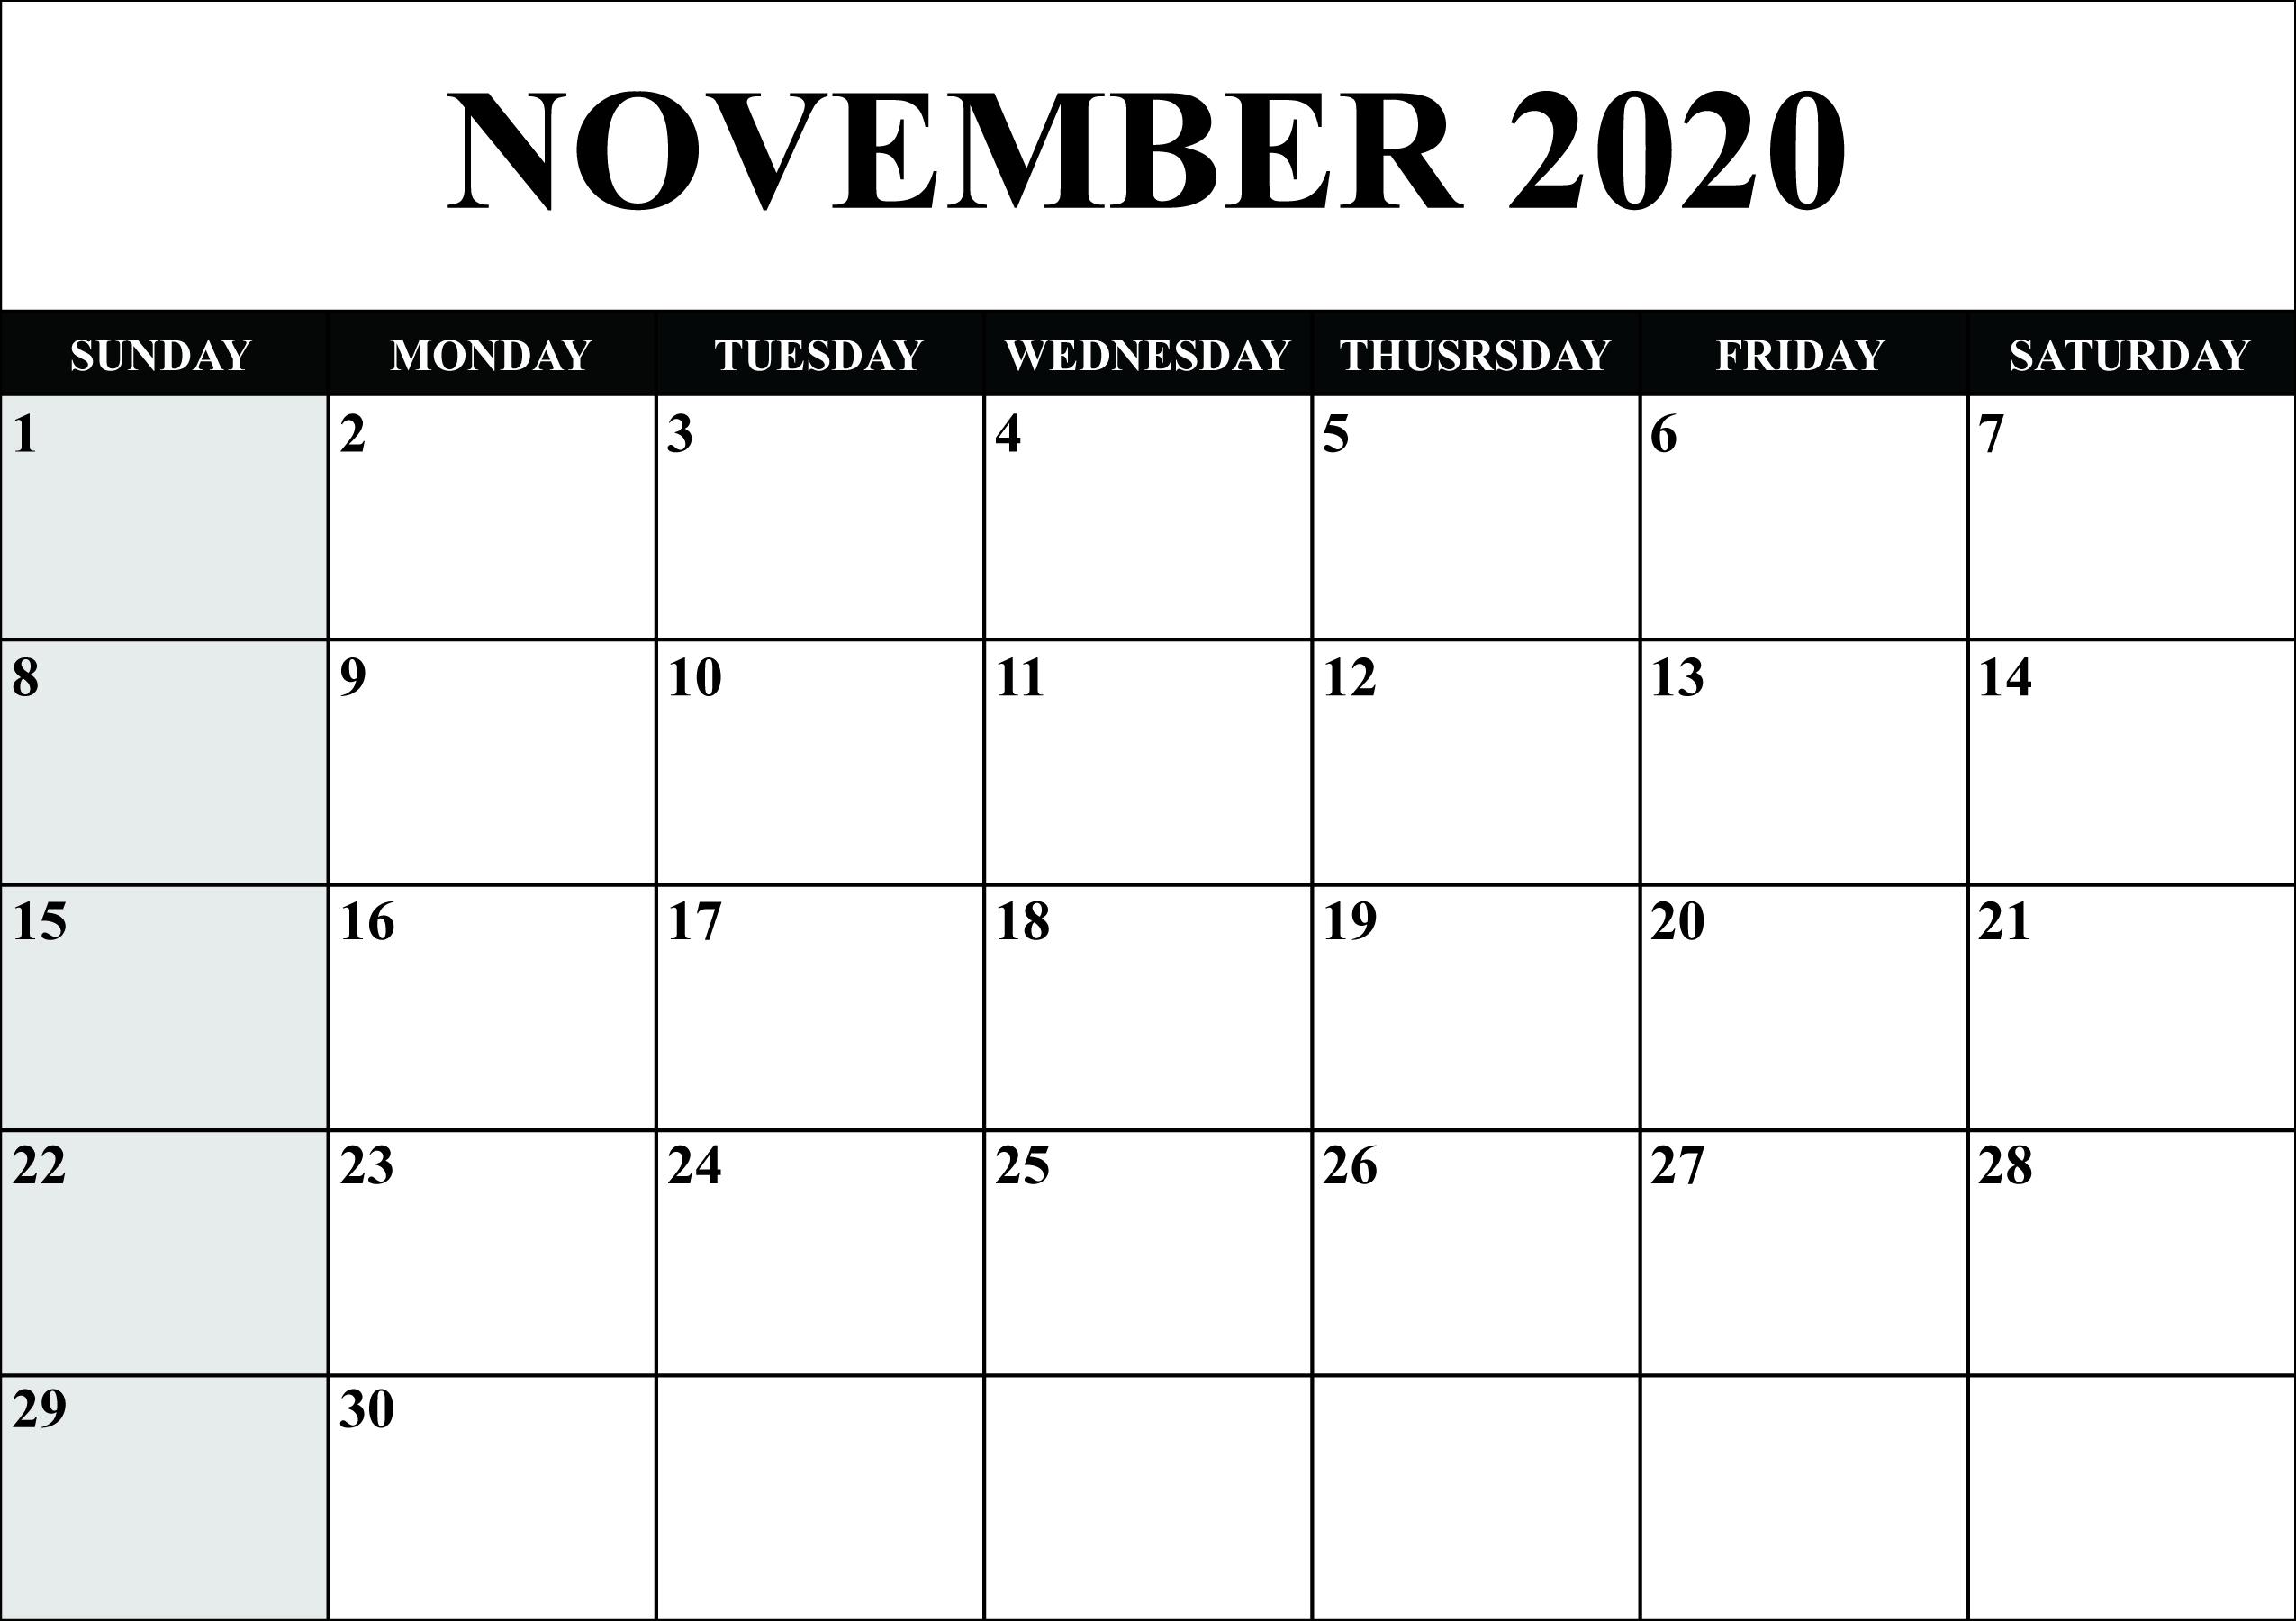 Monday Through Friday Calendar Pdf | Ten Free Printable regarding Free Monday Through Friday Calendar